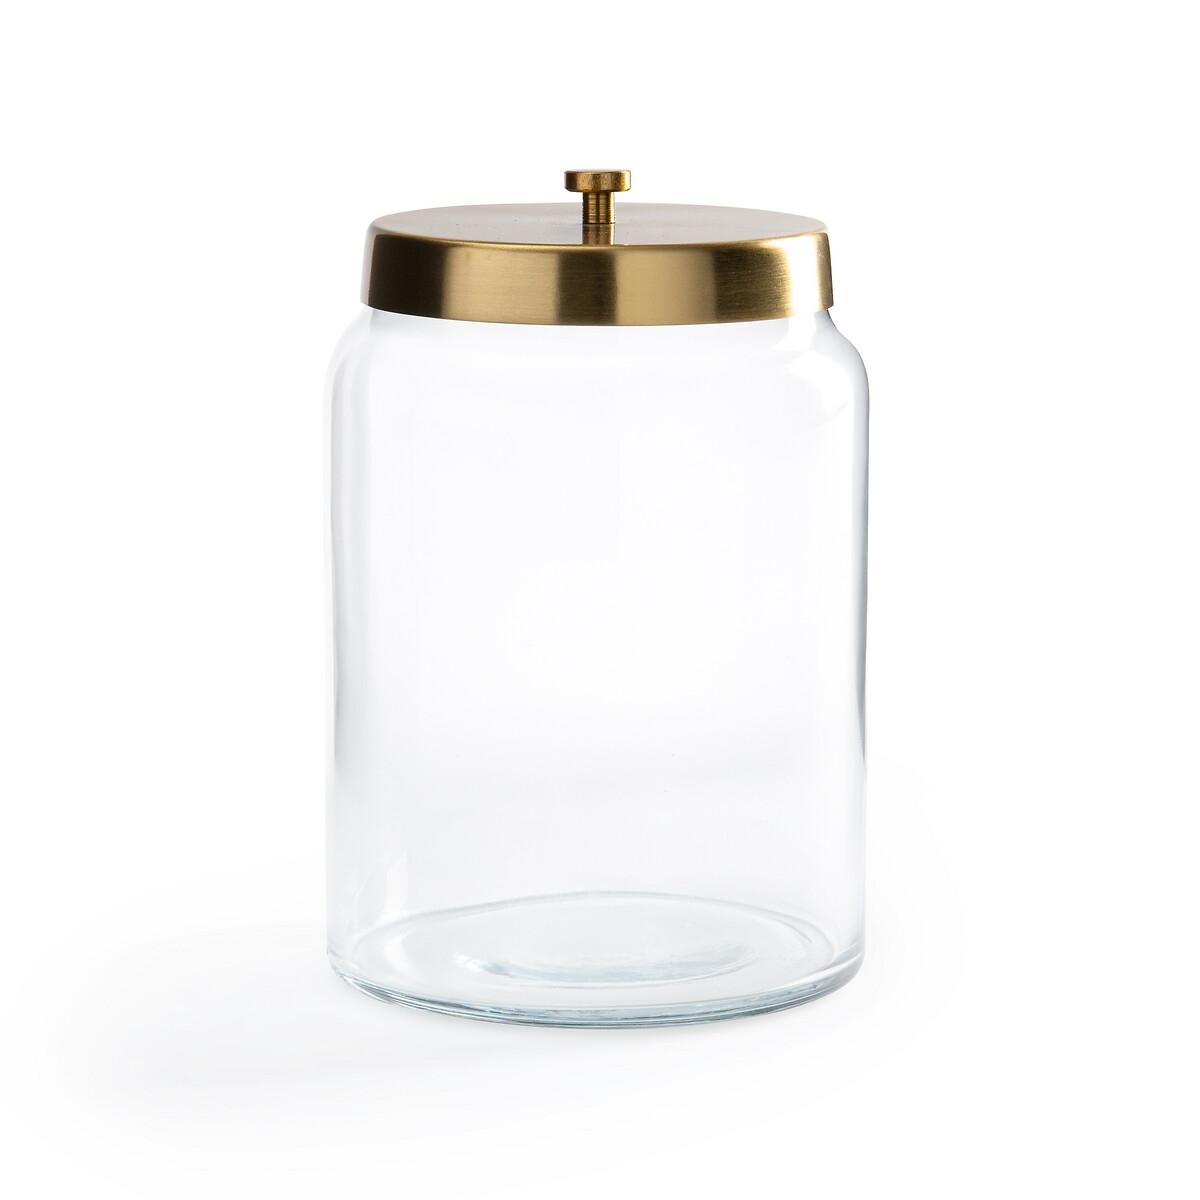 Банка La Redoute Для хранения Paco единый размер другие бокала la redoute для шампанского lurik единый размер другие